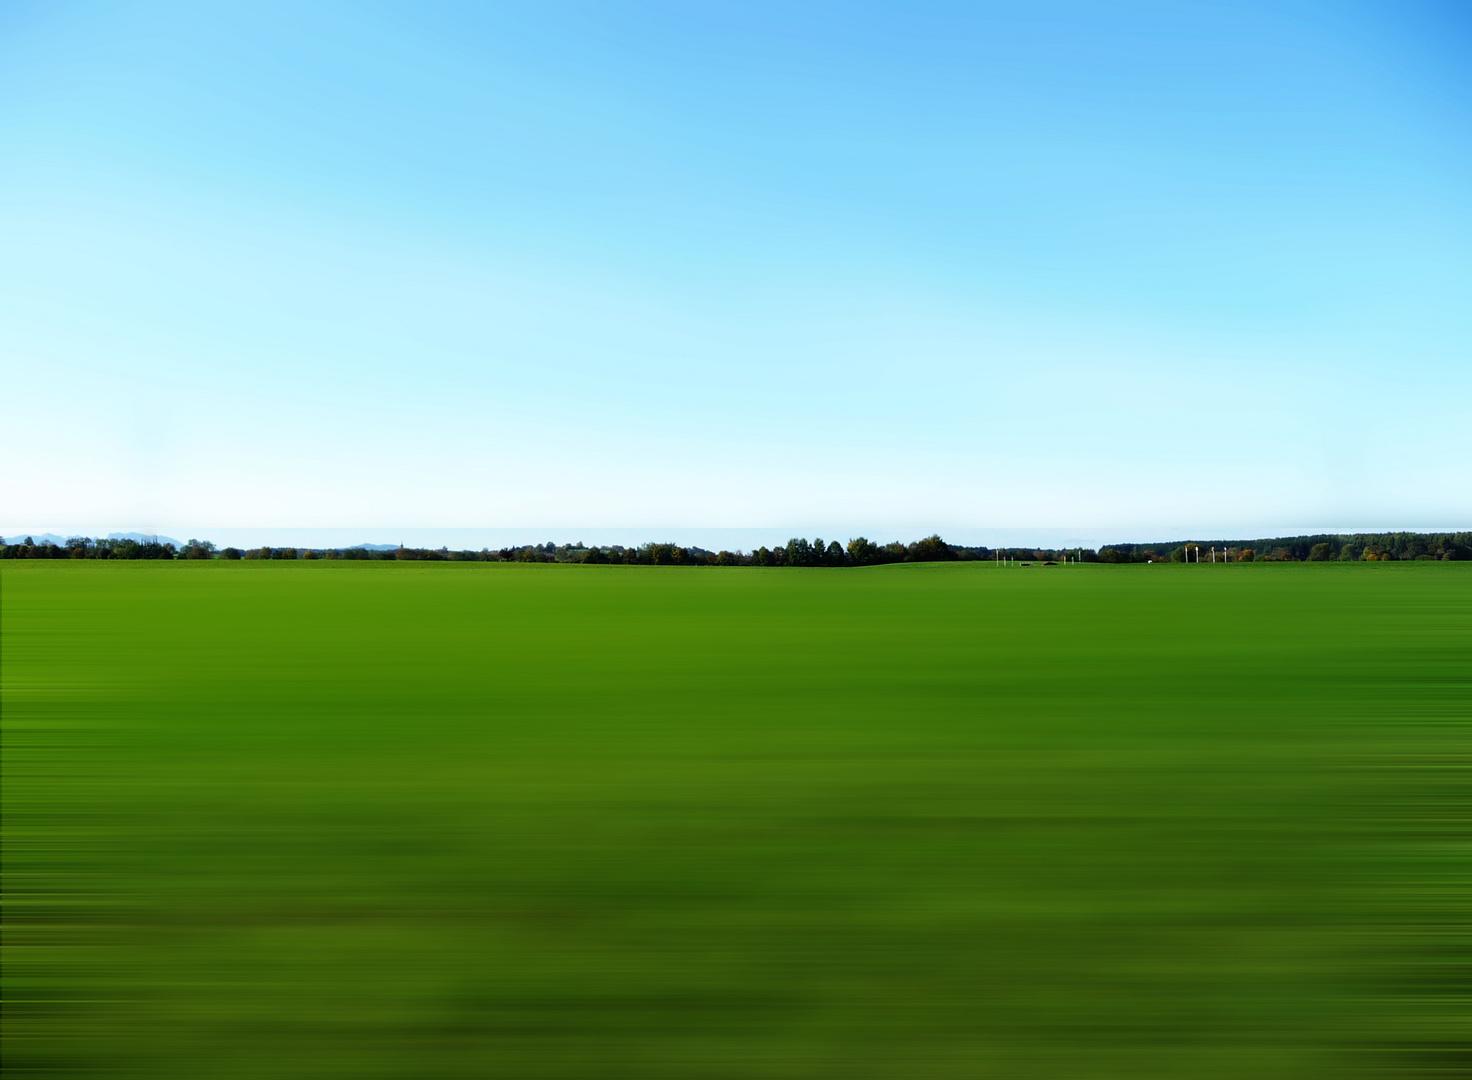 Strich in der Landschaft